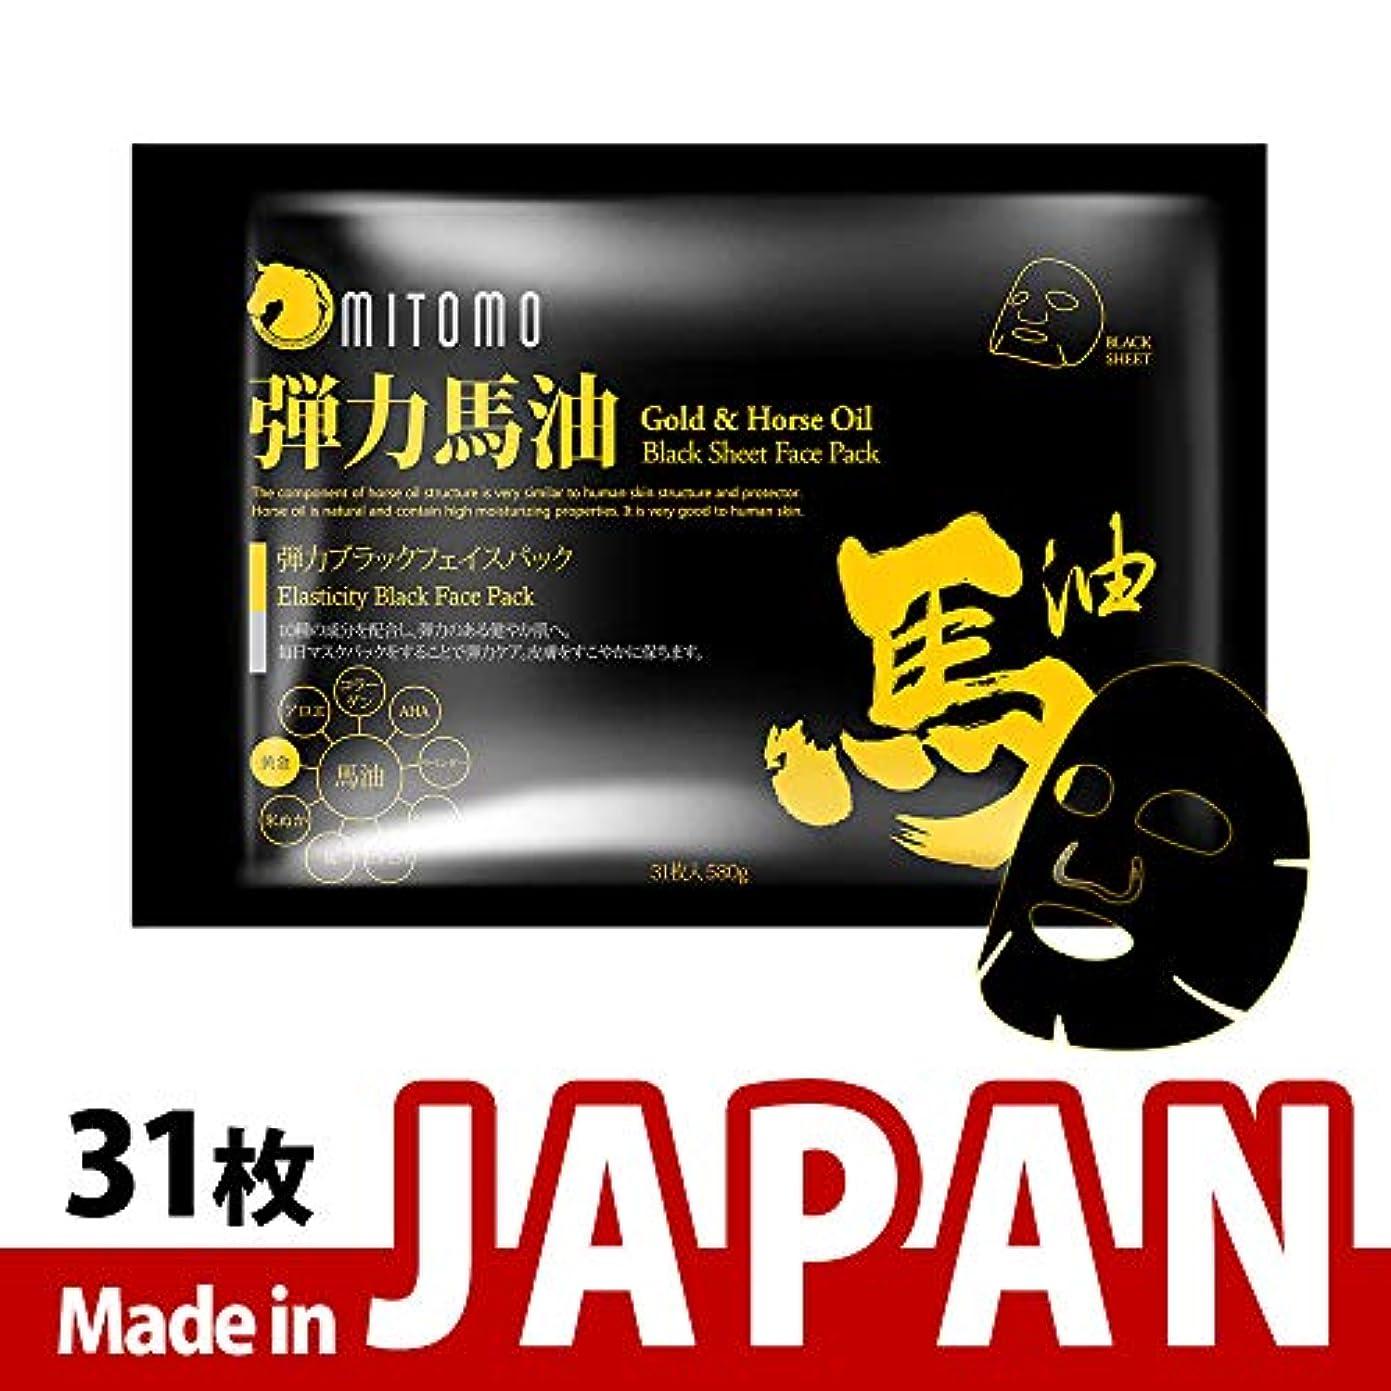 法廷事実スプリットMITOMO【MC740-C-0】日本製弾力ブラックフェイスパック/31枚入り/31枚/美容液/マスクパック/送料無料